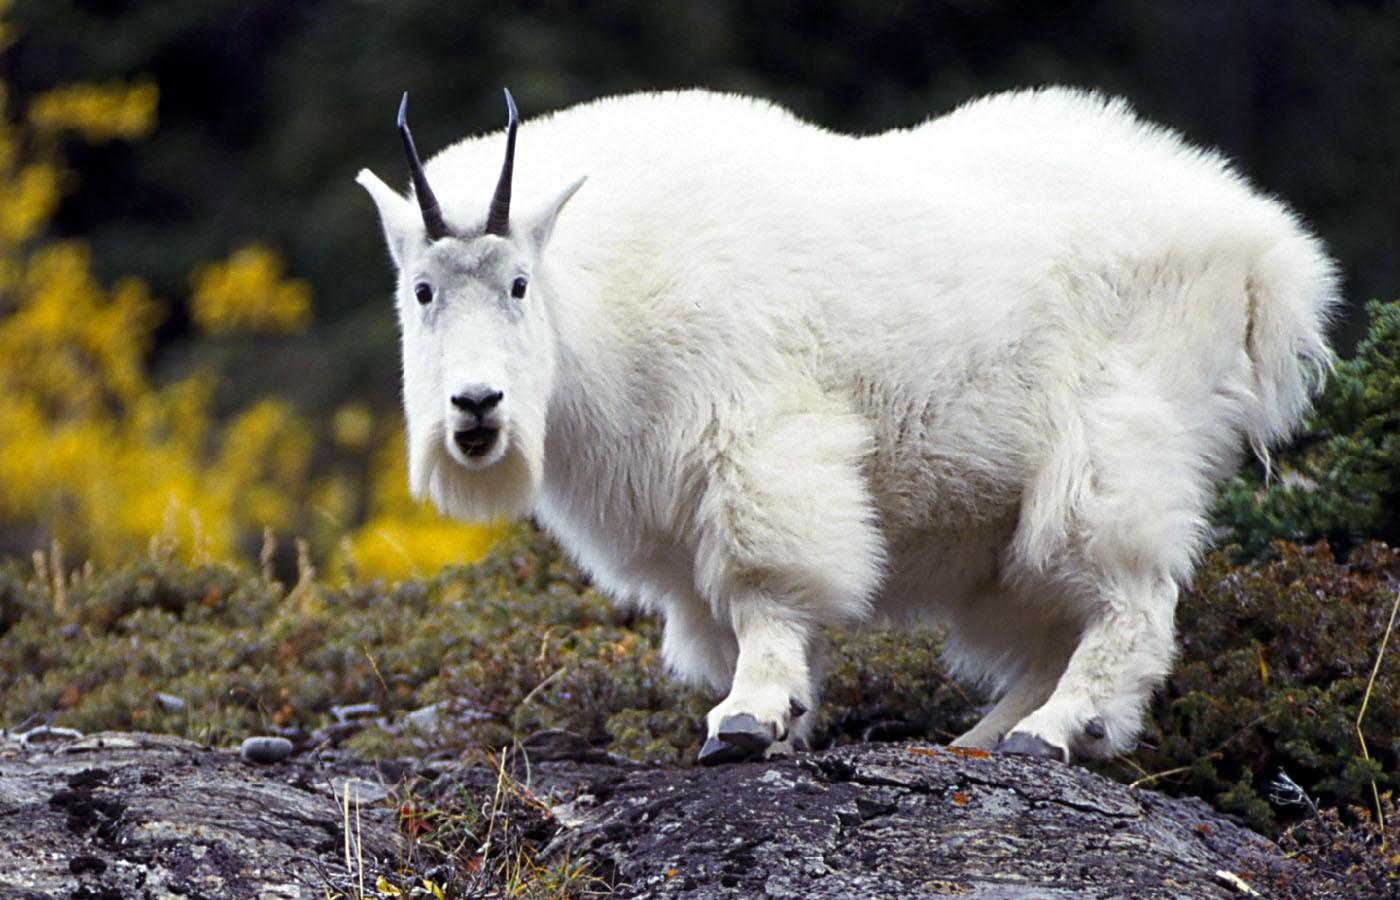 Goat-Wallpaper-On-Desktop